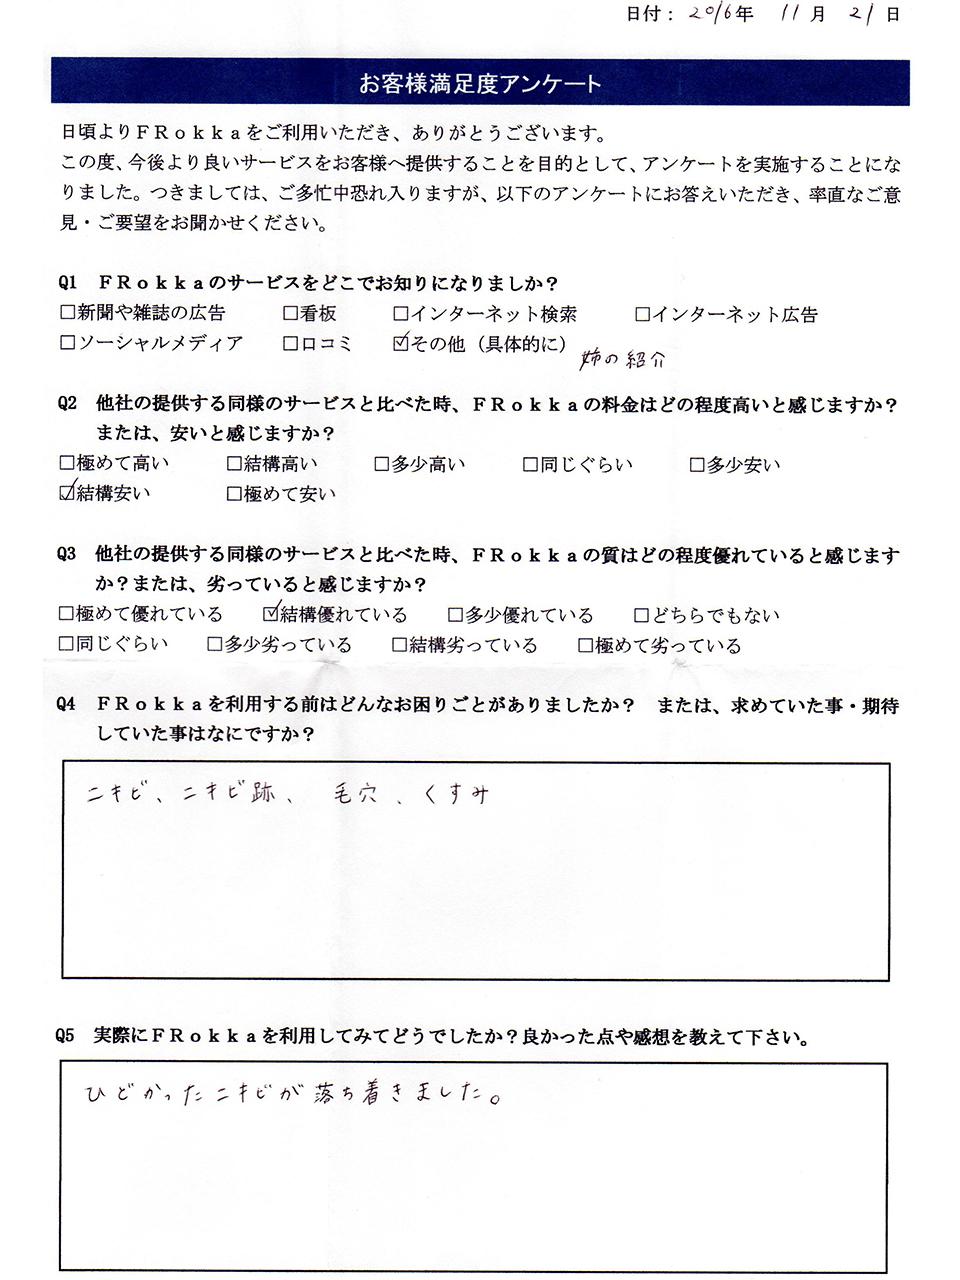 お客様アンケート(20代前半女性)1